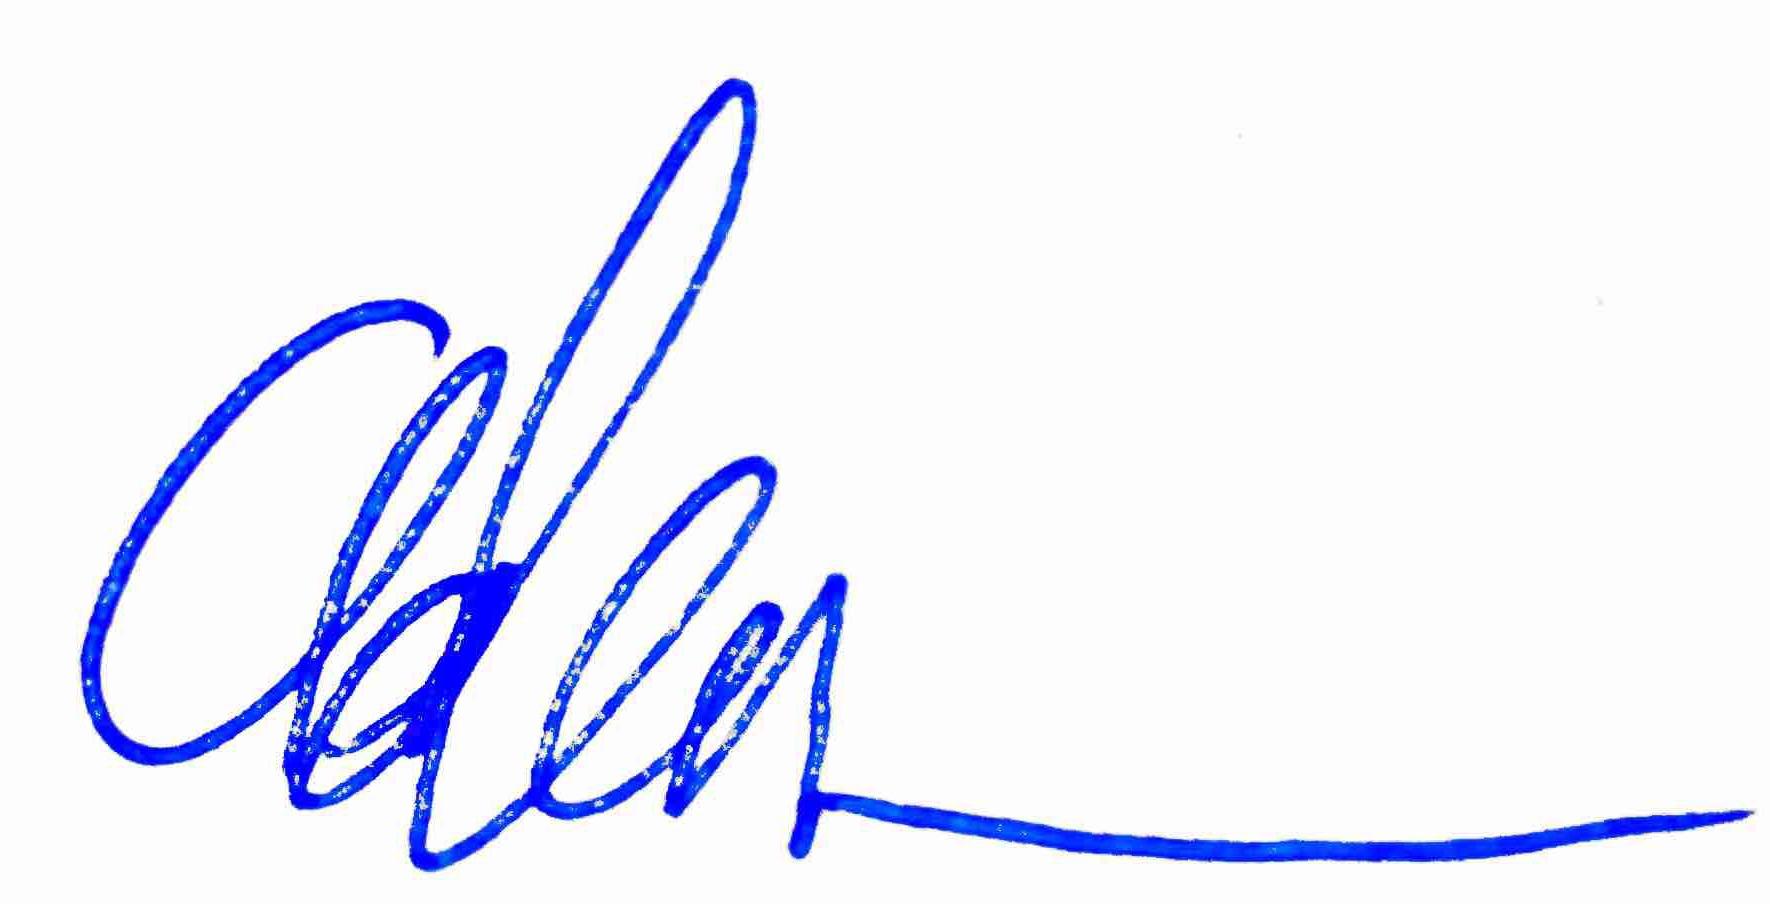 Adam signature